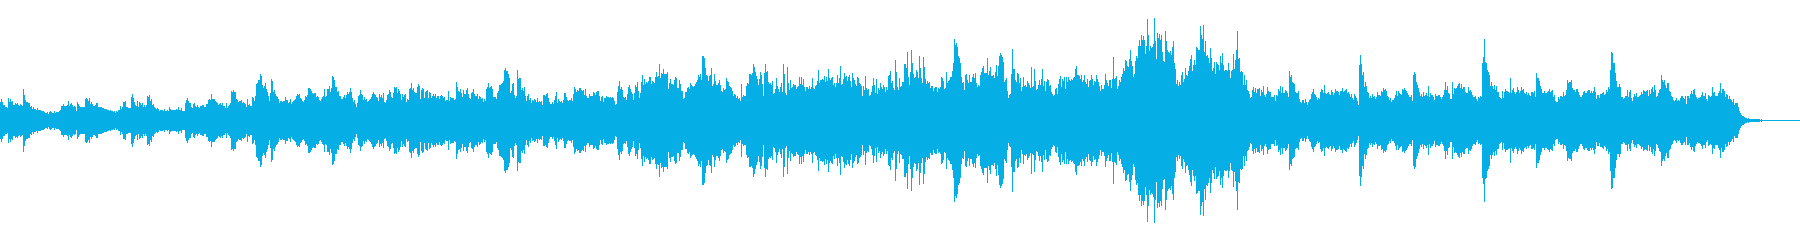 ドラマ等のシリアスなシーンに適した楽曲の再生済みの波形